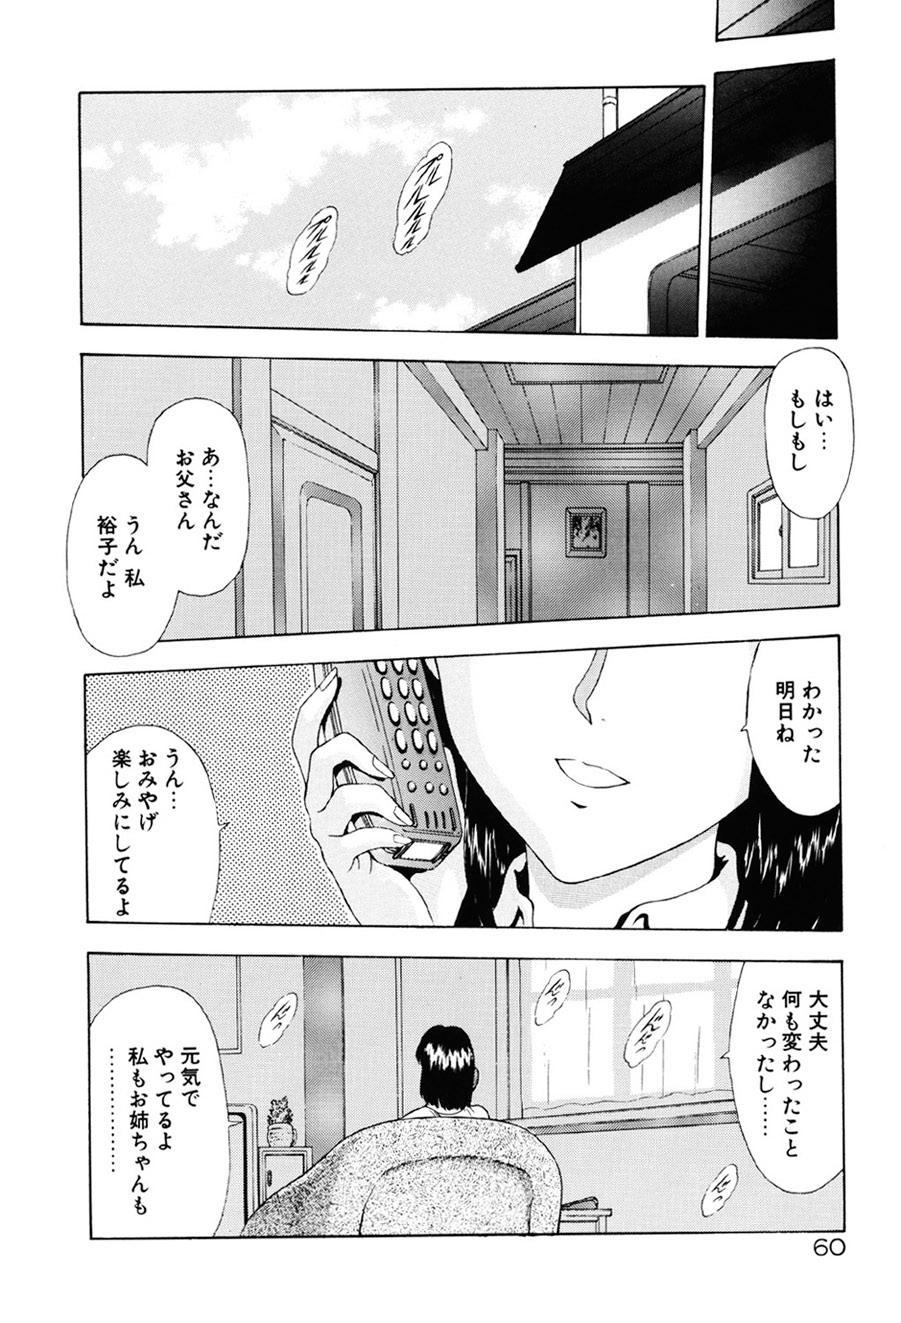 Inraku Yuugi 60